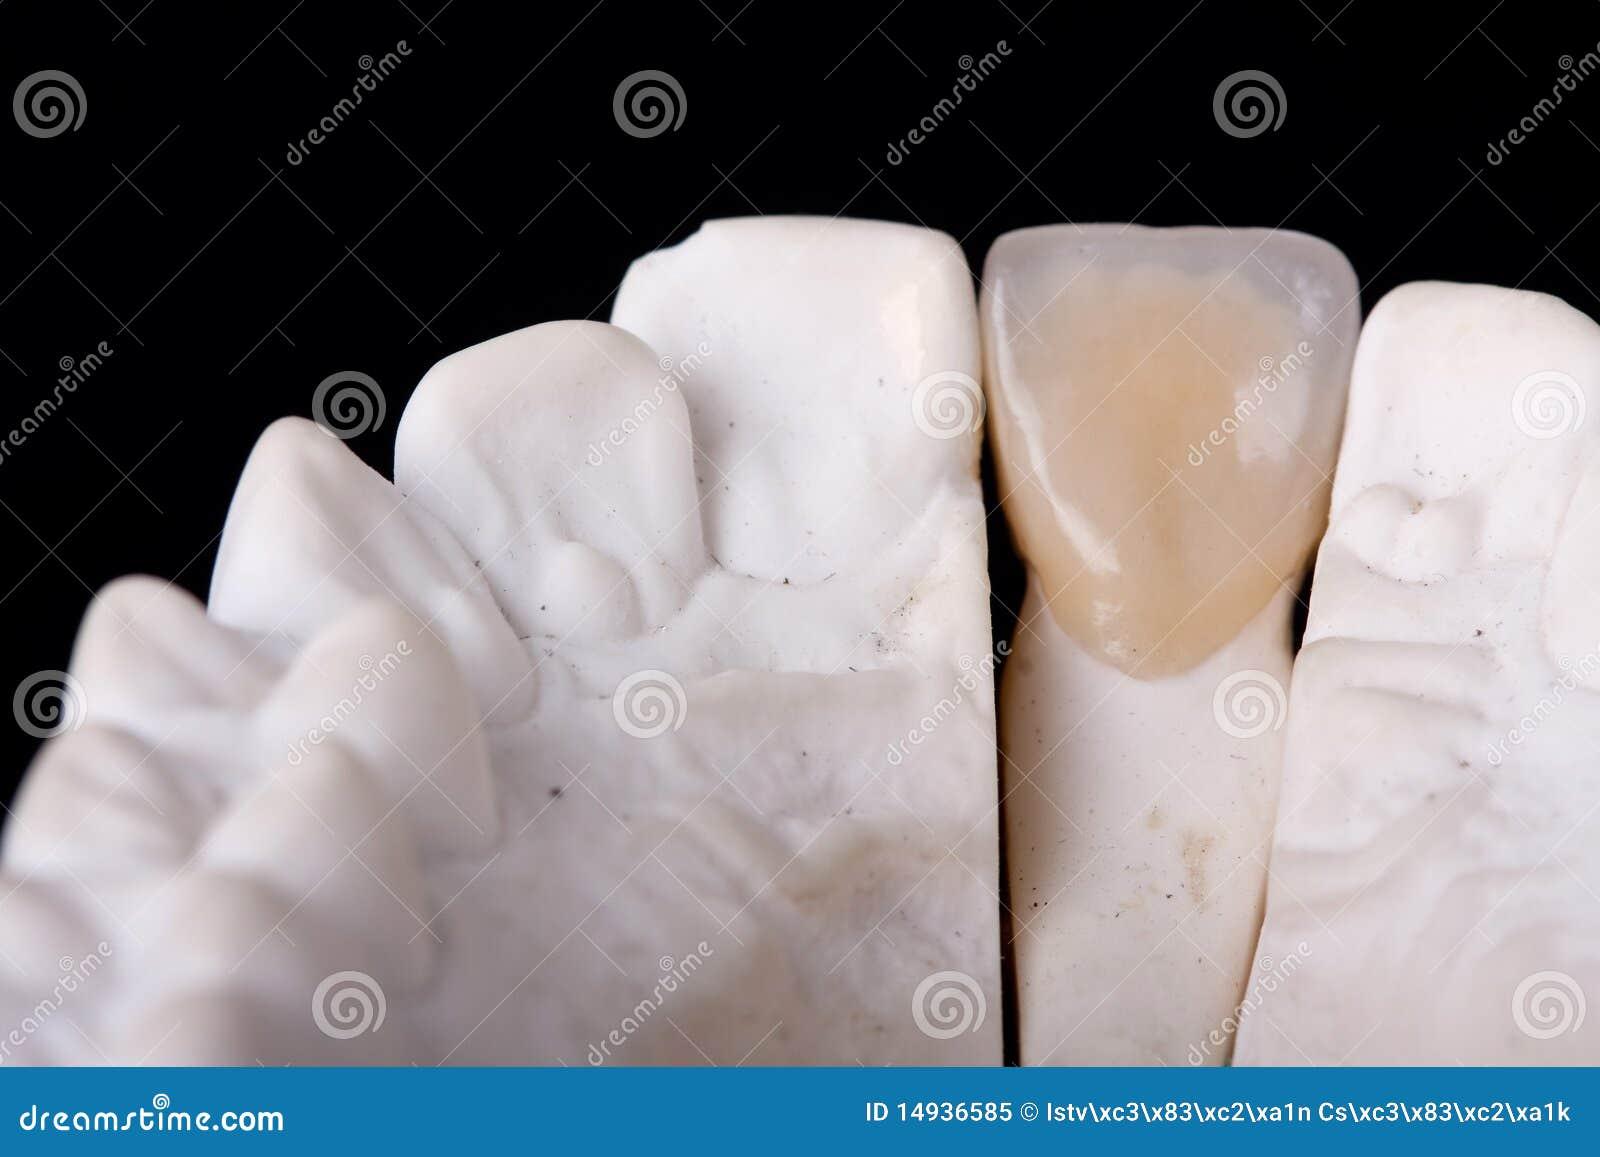 雕蜡牙的步骤图解